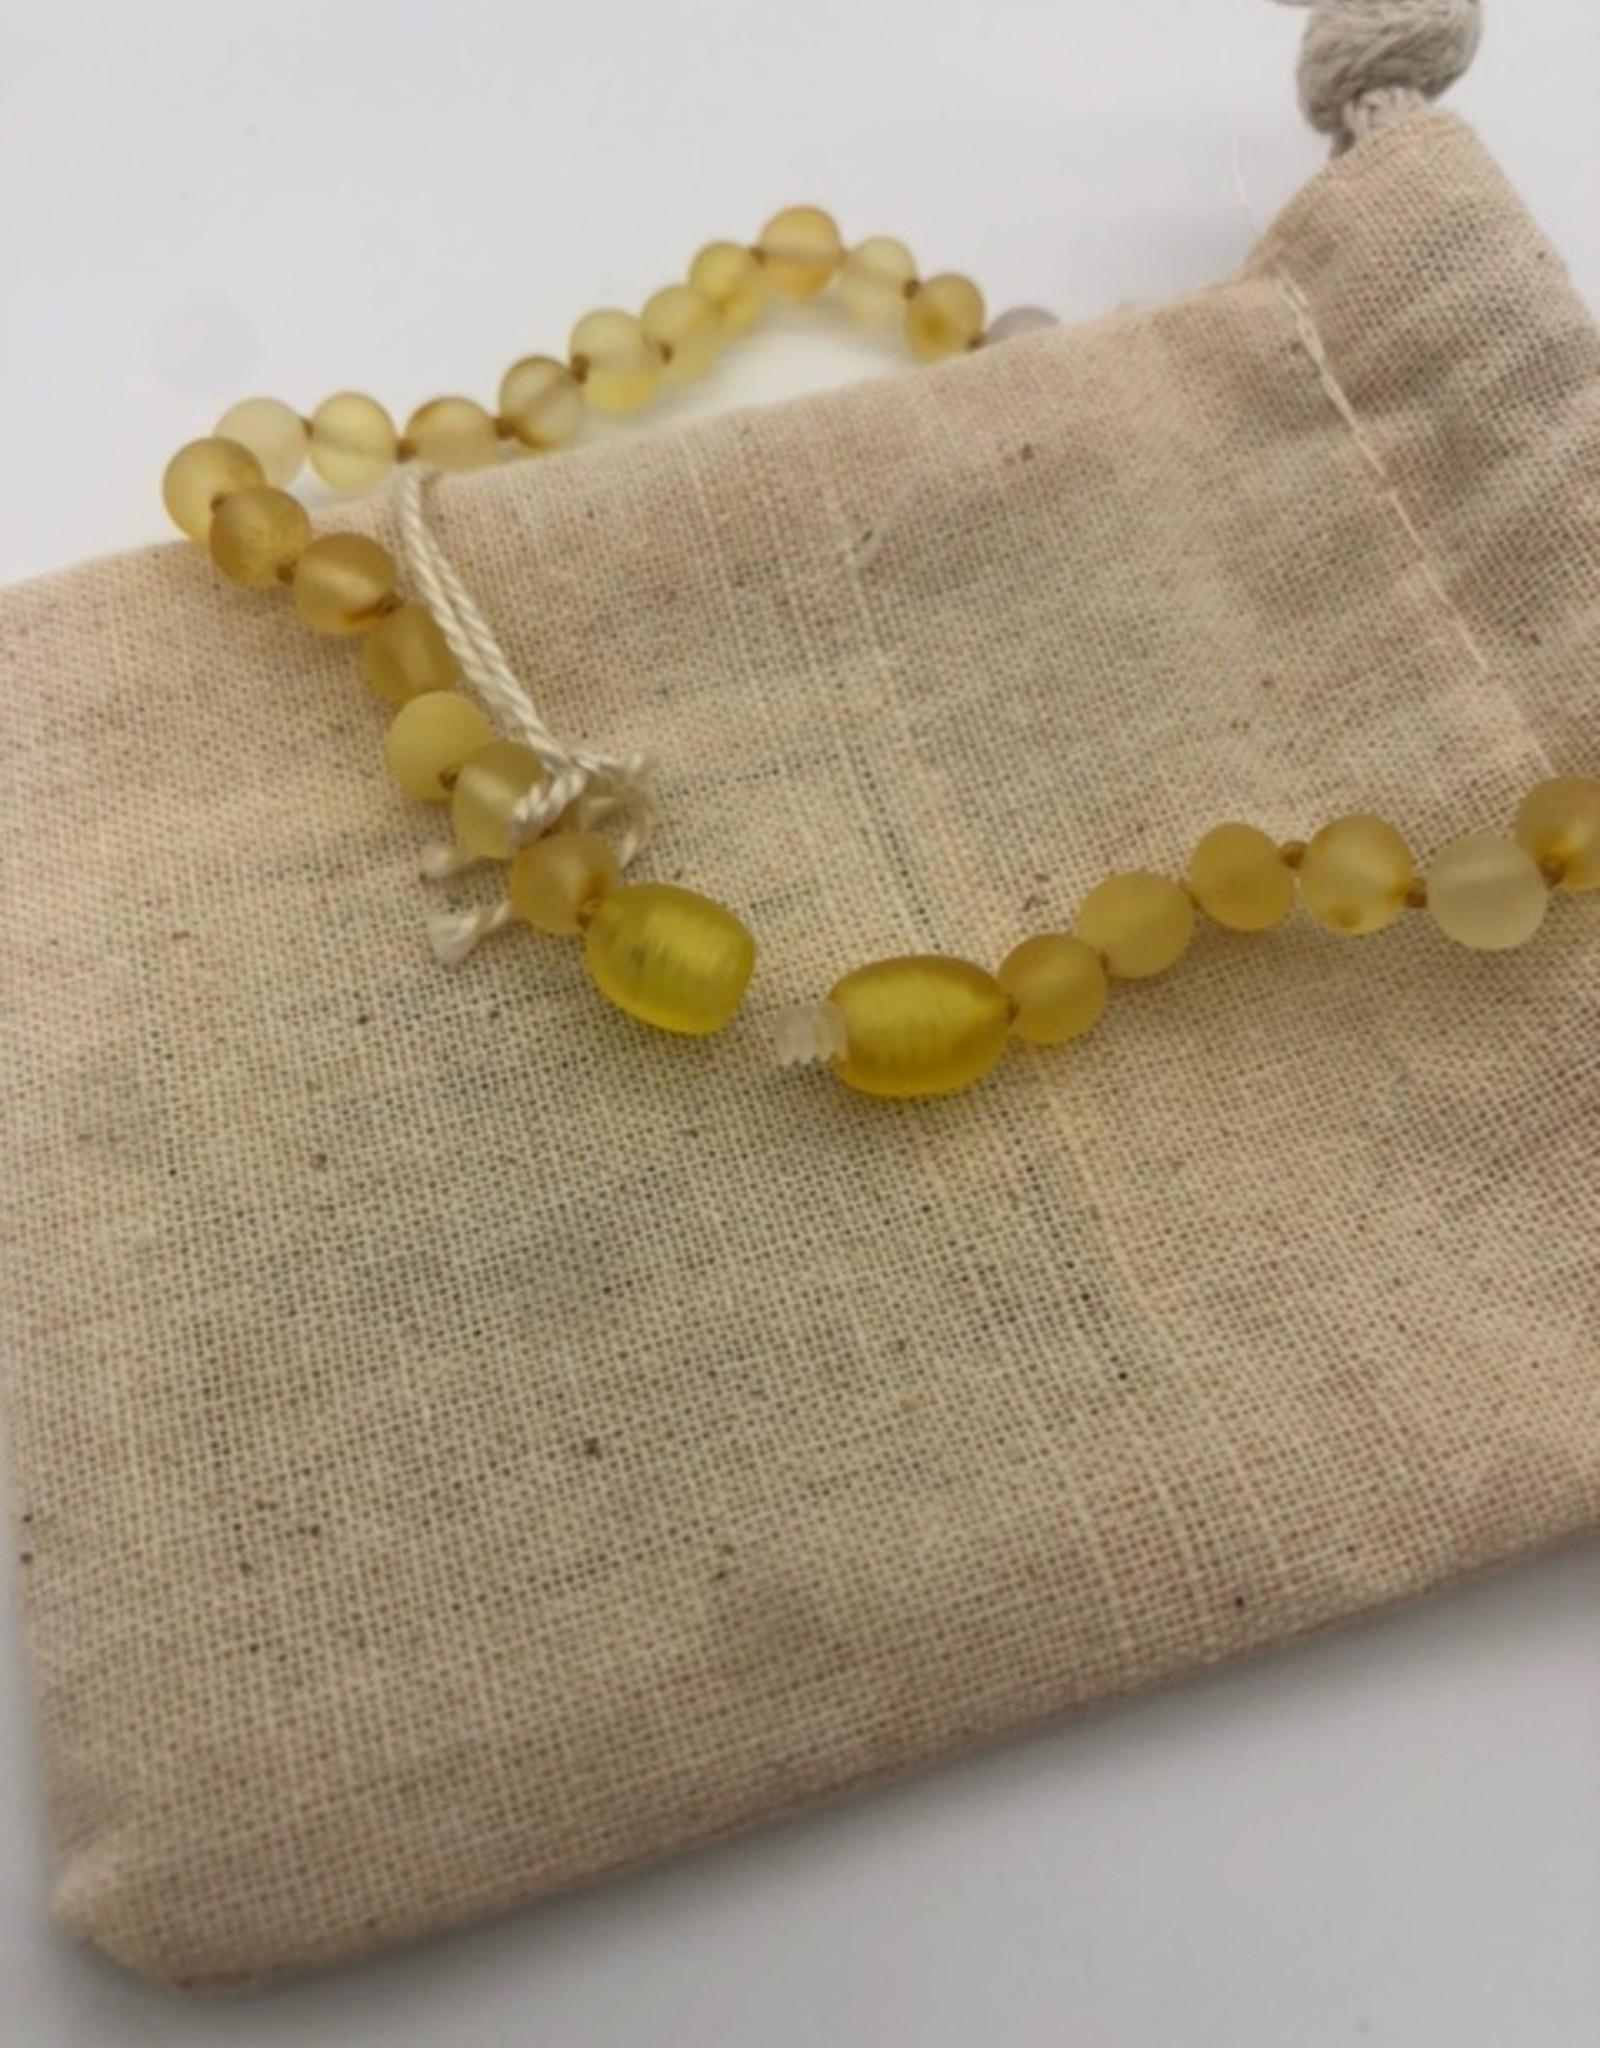 Canyon Leaf Canyon Leaf - Raw Honey Amber + Rose Quartz Necklace